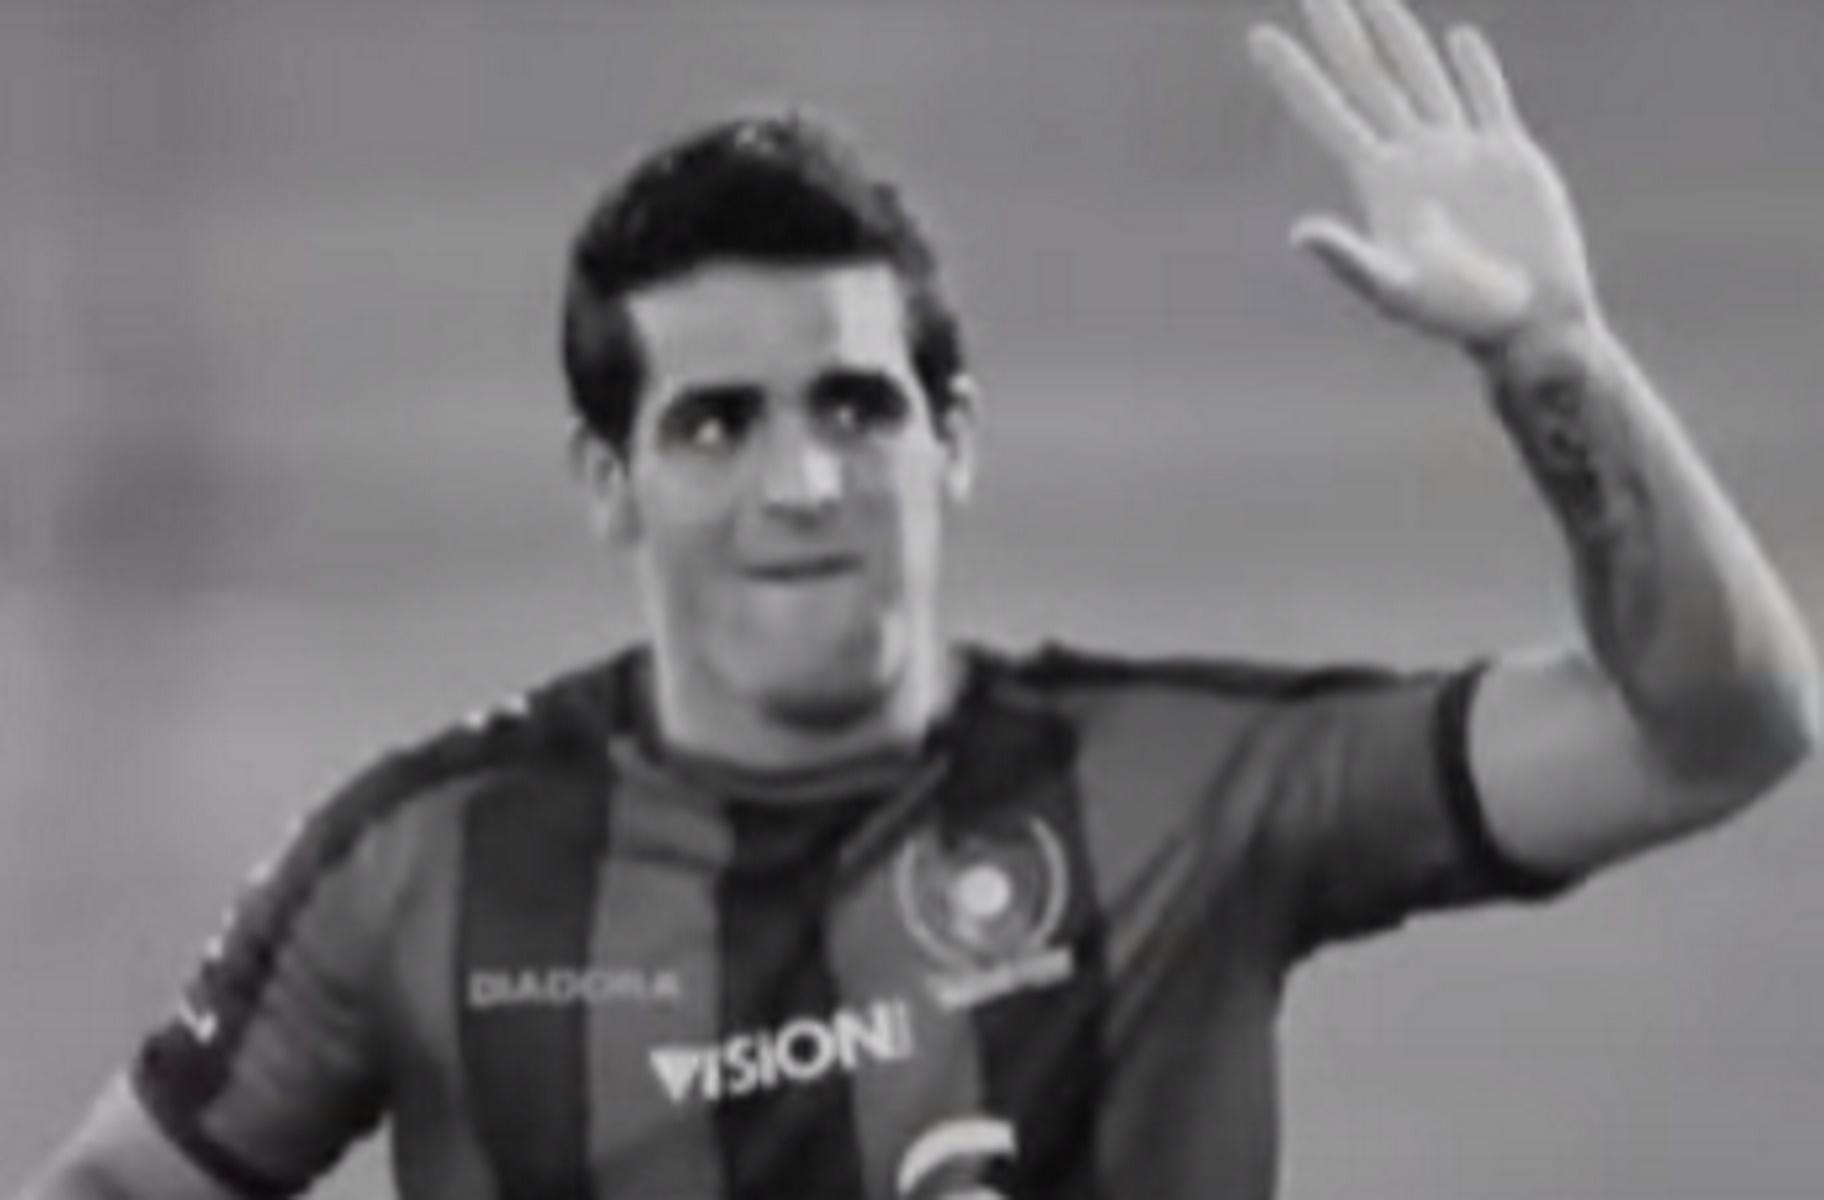 Σοκ στην Ουρουγουάη με την αυτοκτονία γνωστού ποδοσφαιριστή